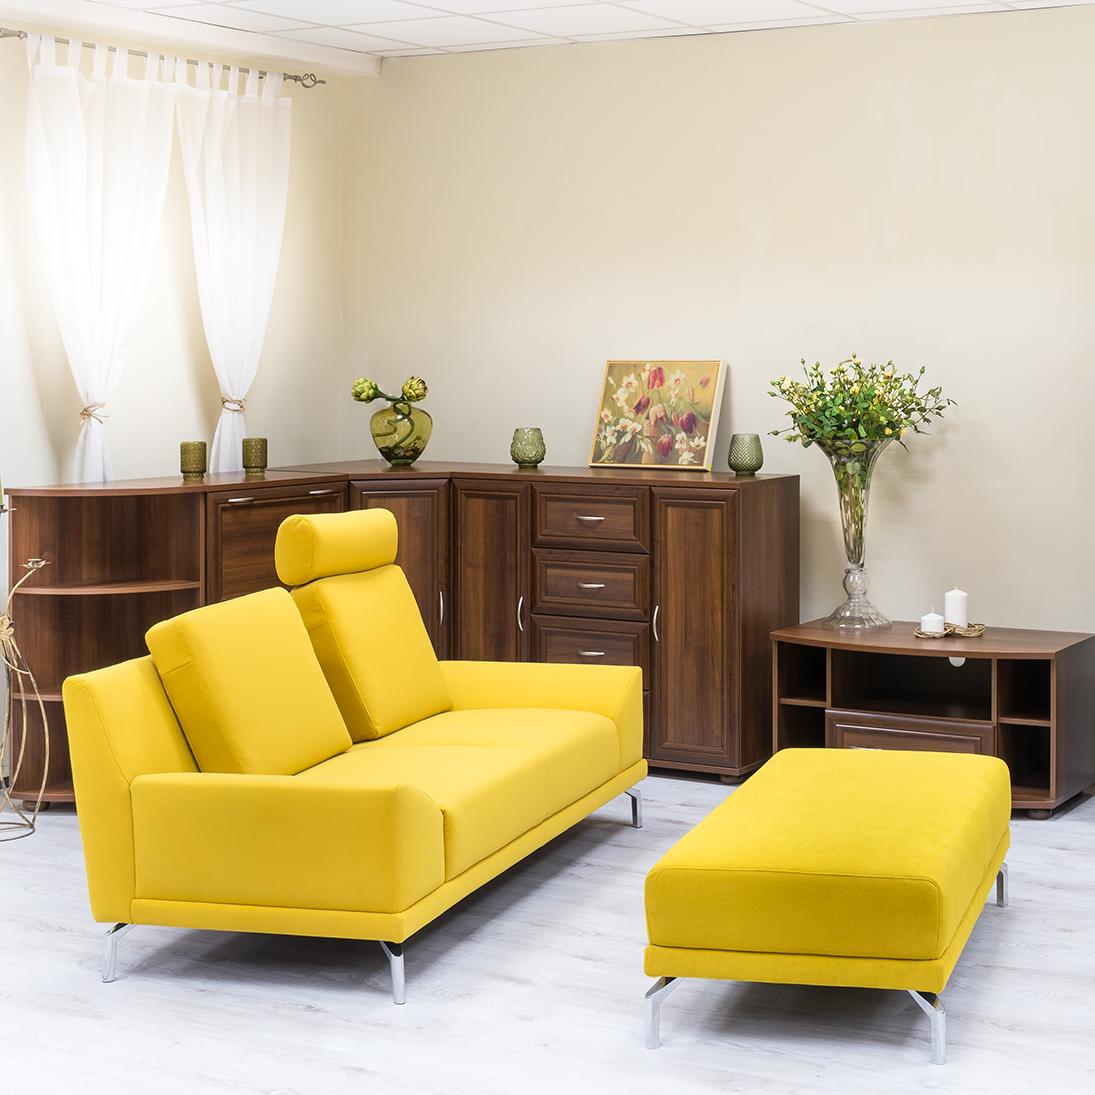 e63d81b4c5493 Zakúpený nábytok vám na požiadanie radi privezieme, odborne namontujeme a  váš starý nábytok zlikvidujeme. Zároveň ponúkame možnosť zakúpiť si nábytok  aj na ...